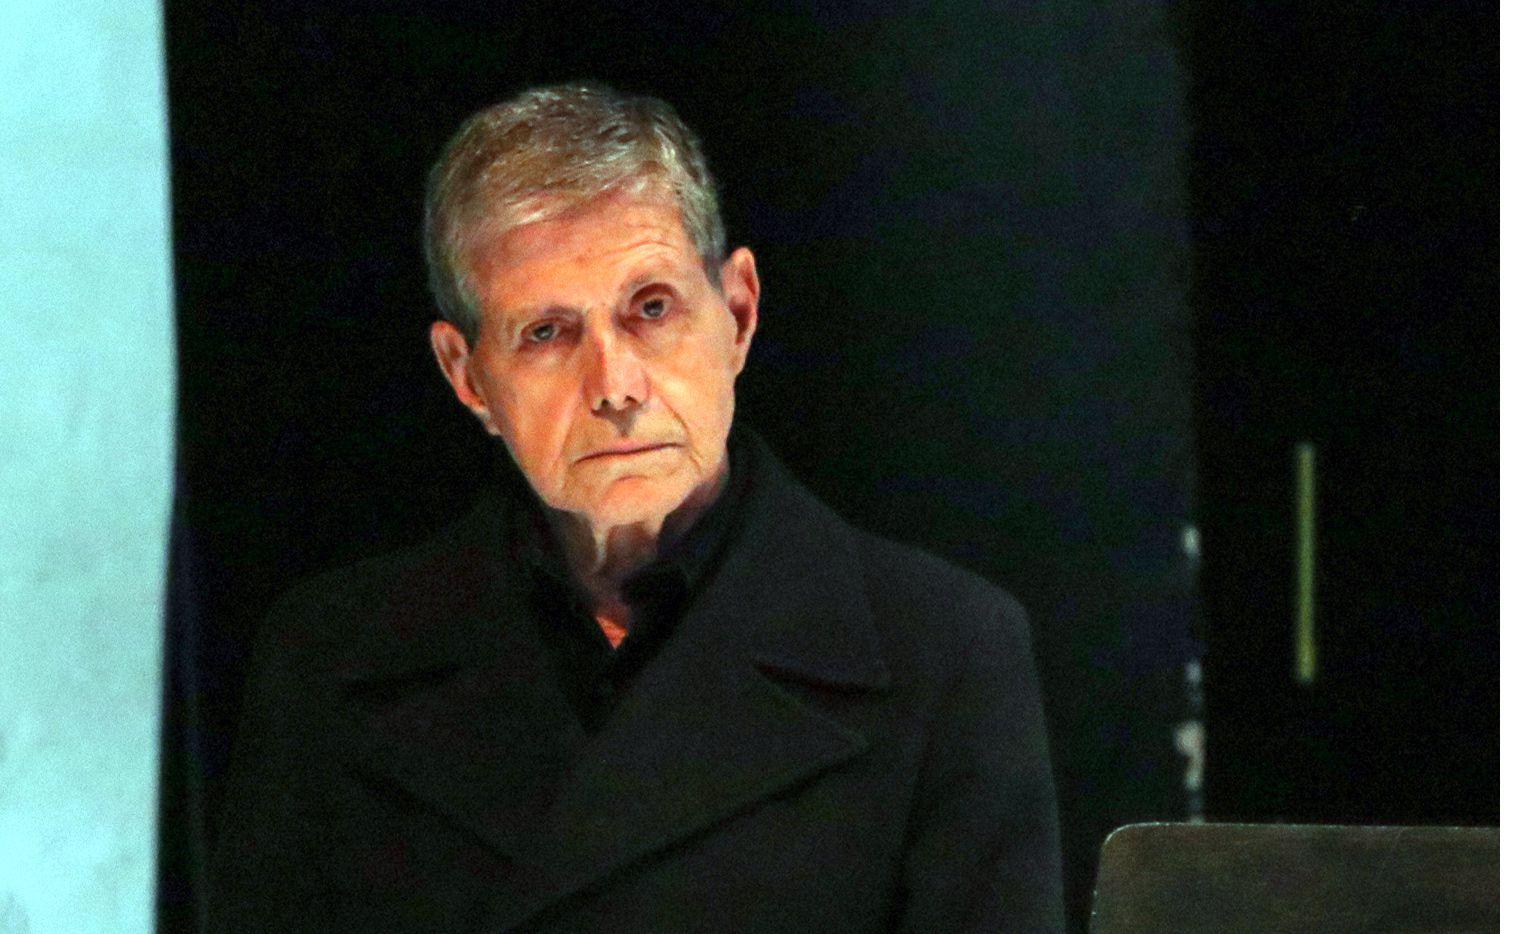 Al actor Héctor Bonilla le detectaron cáncer en el riñón derecho, contra el cual ya toma tratamiento./ AGENCIA REFORMA